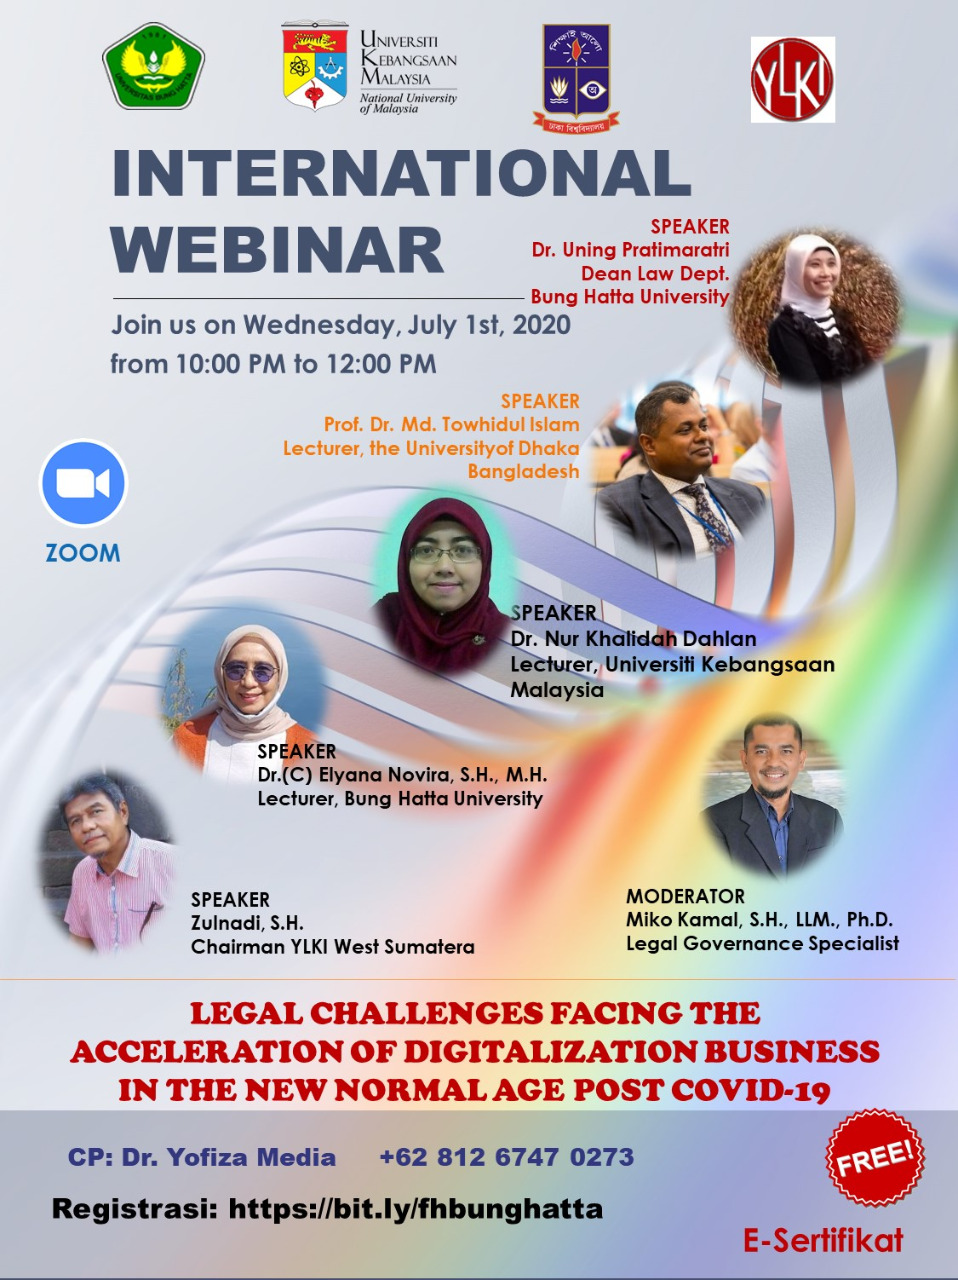 Fakultas Hukum Universitas Bung Hatta Sukses Selenggarakan Webinar Internasional